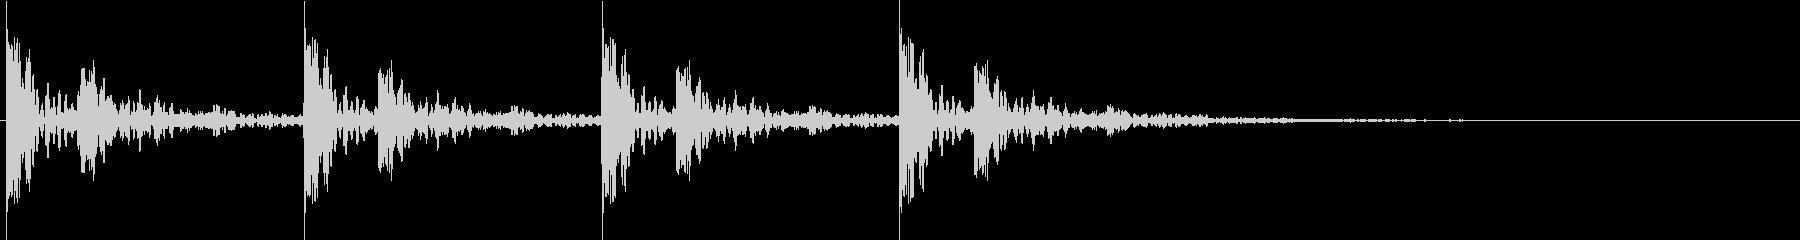 ドクーンドクーン。心臓の音D(長・残響)の未再生の波形